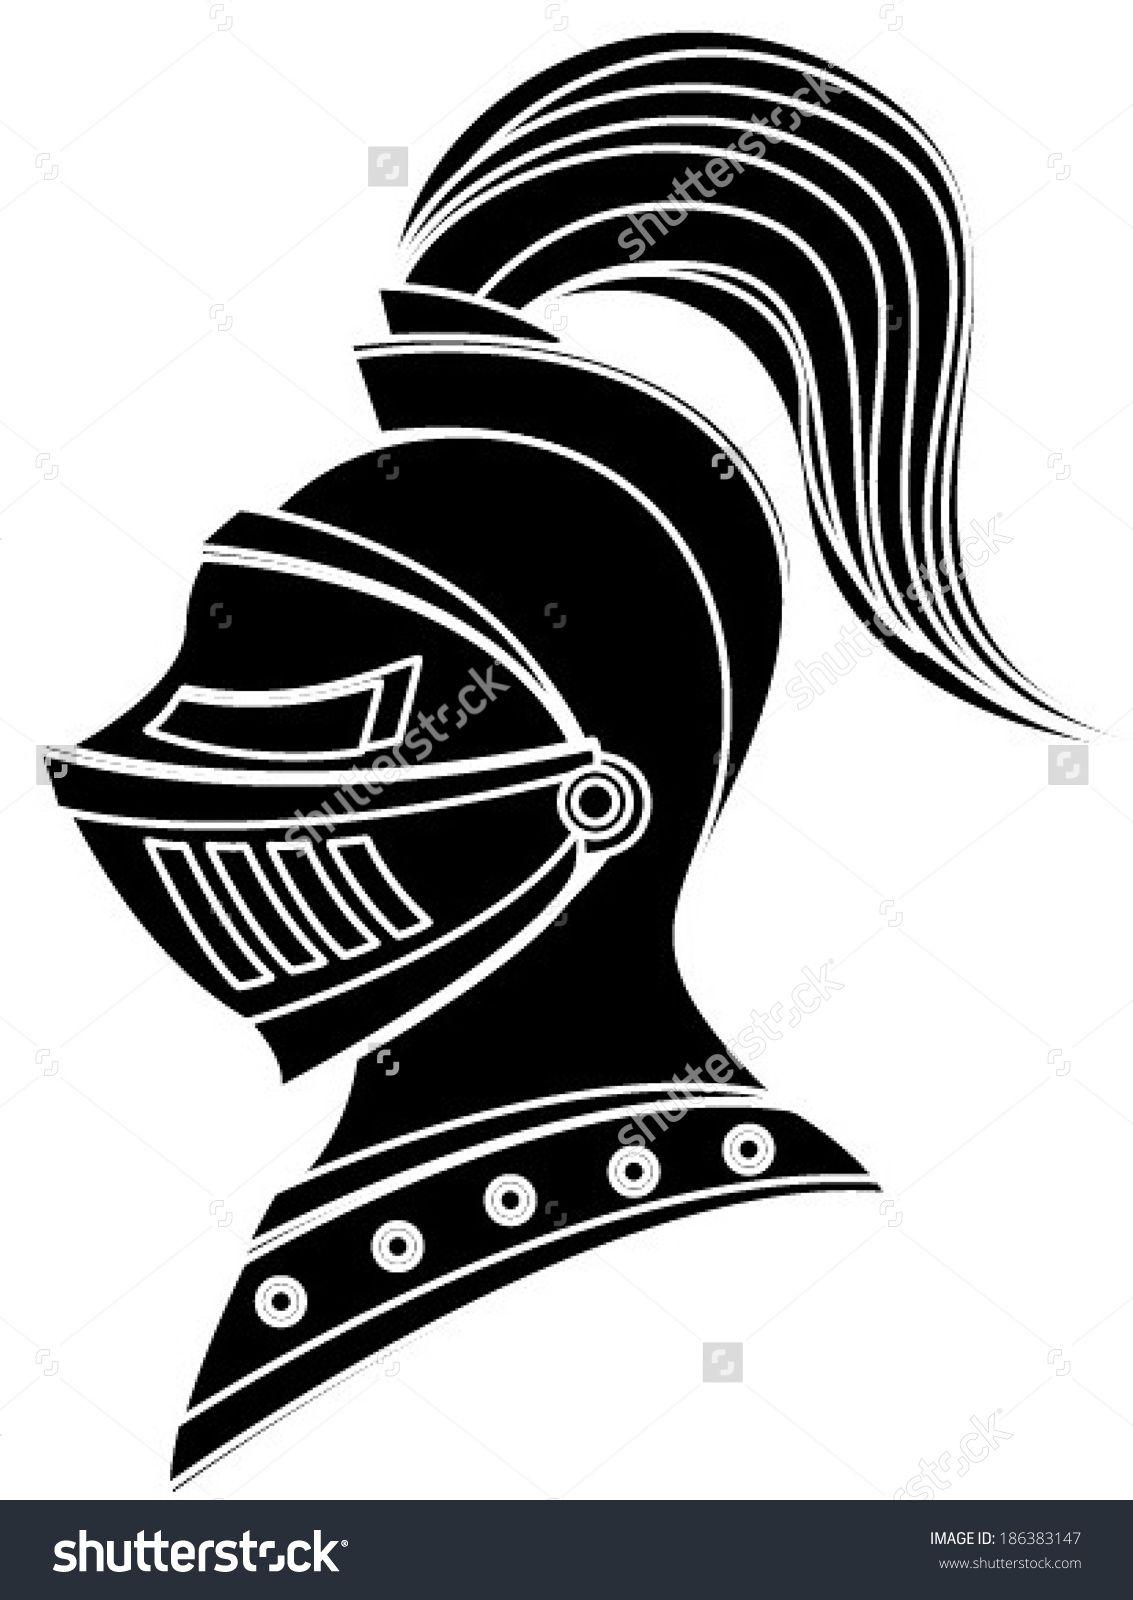 White knight helmet clipart